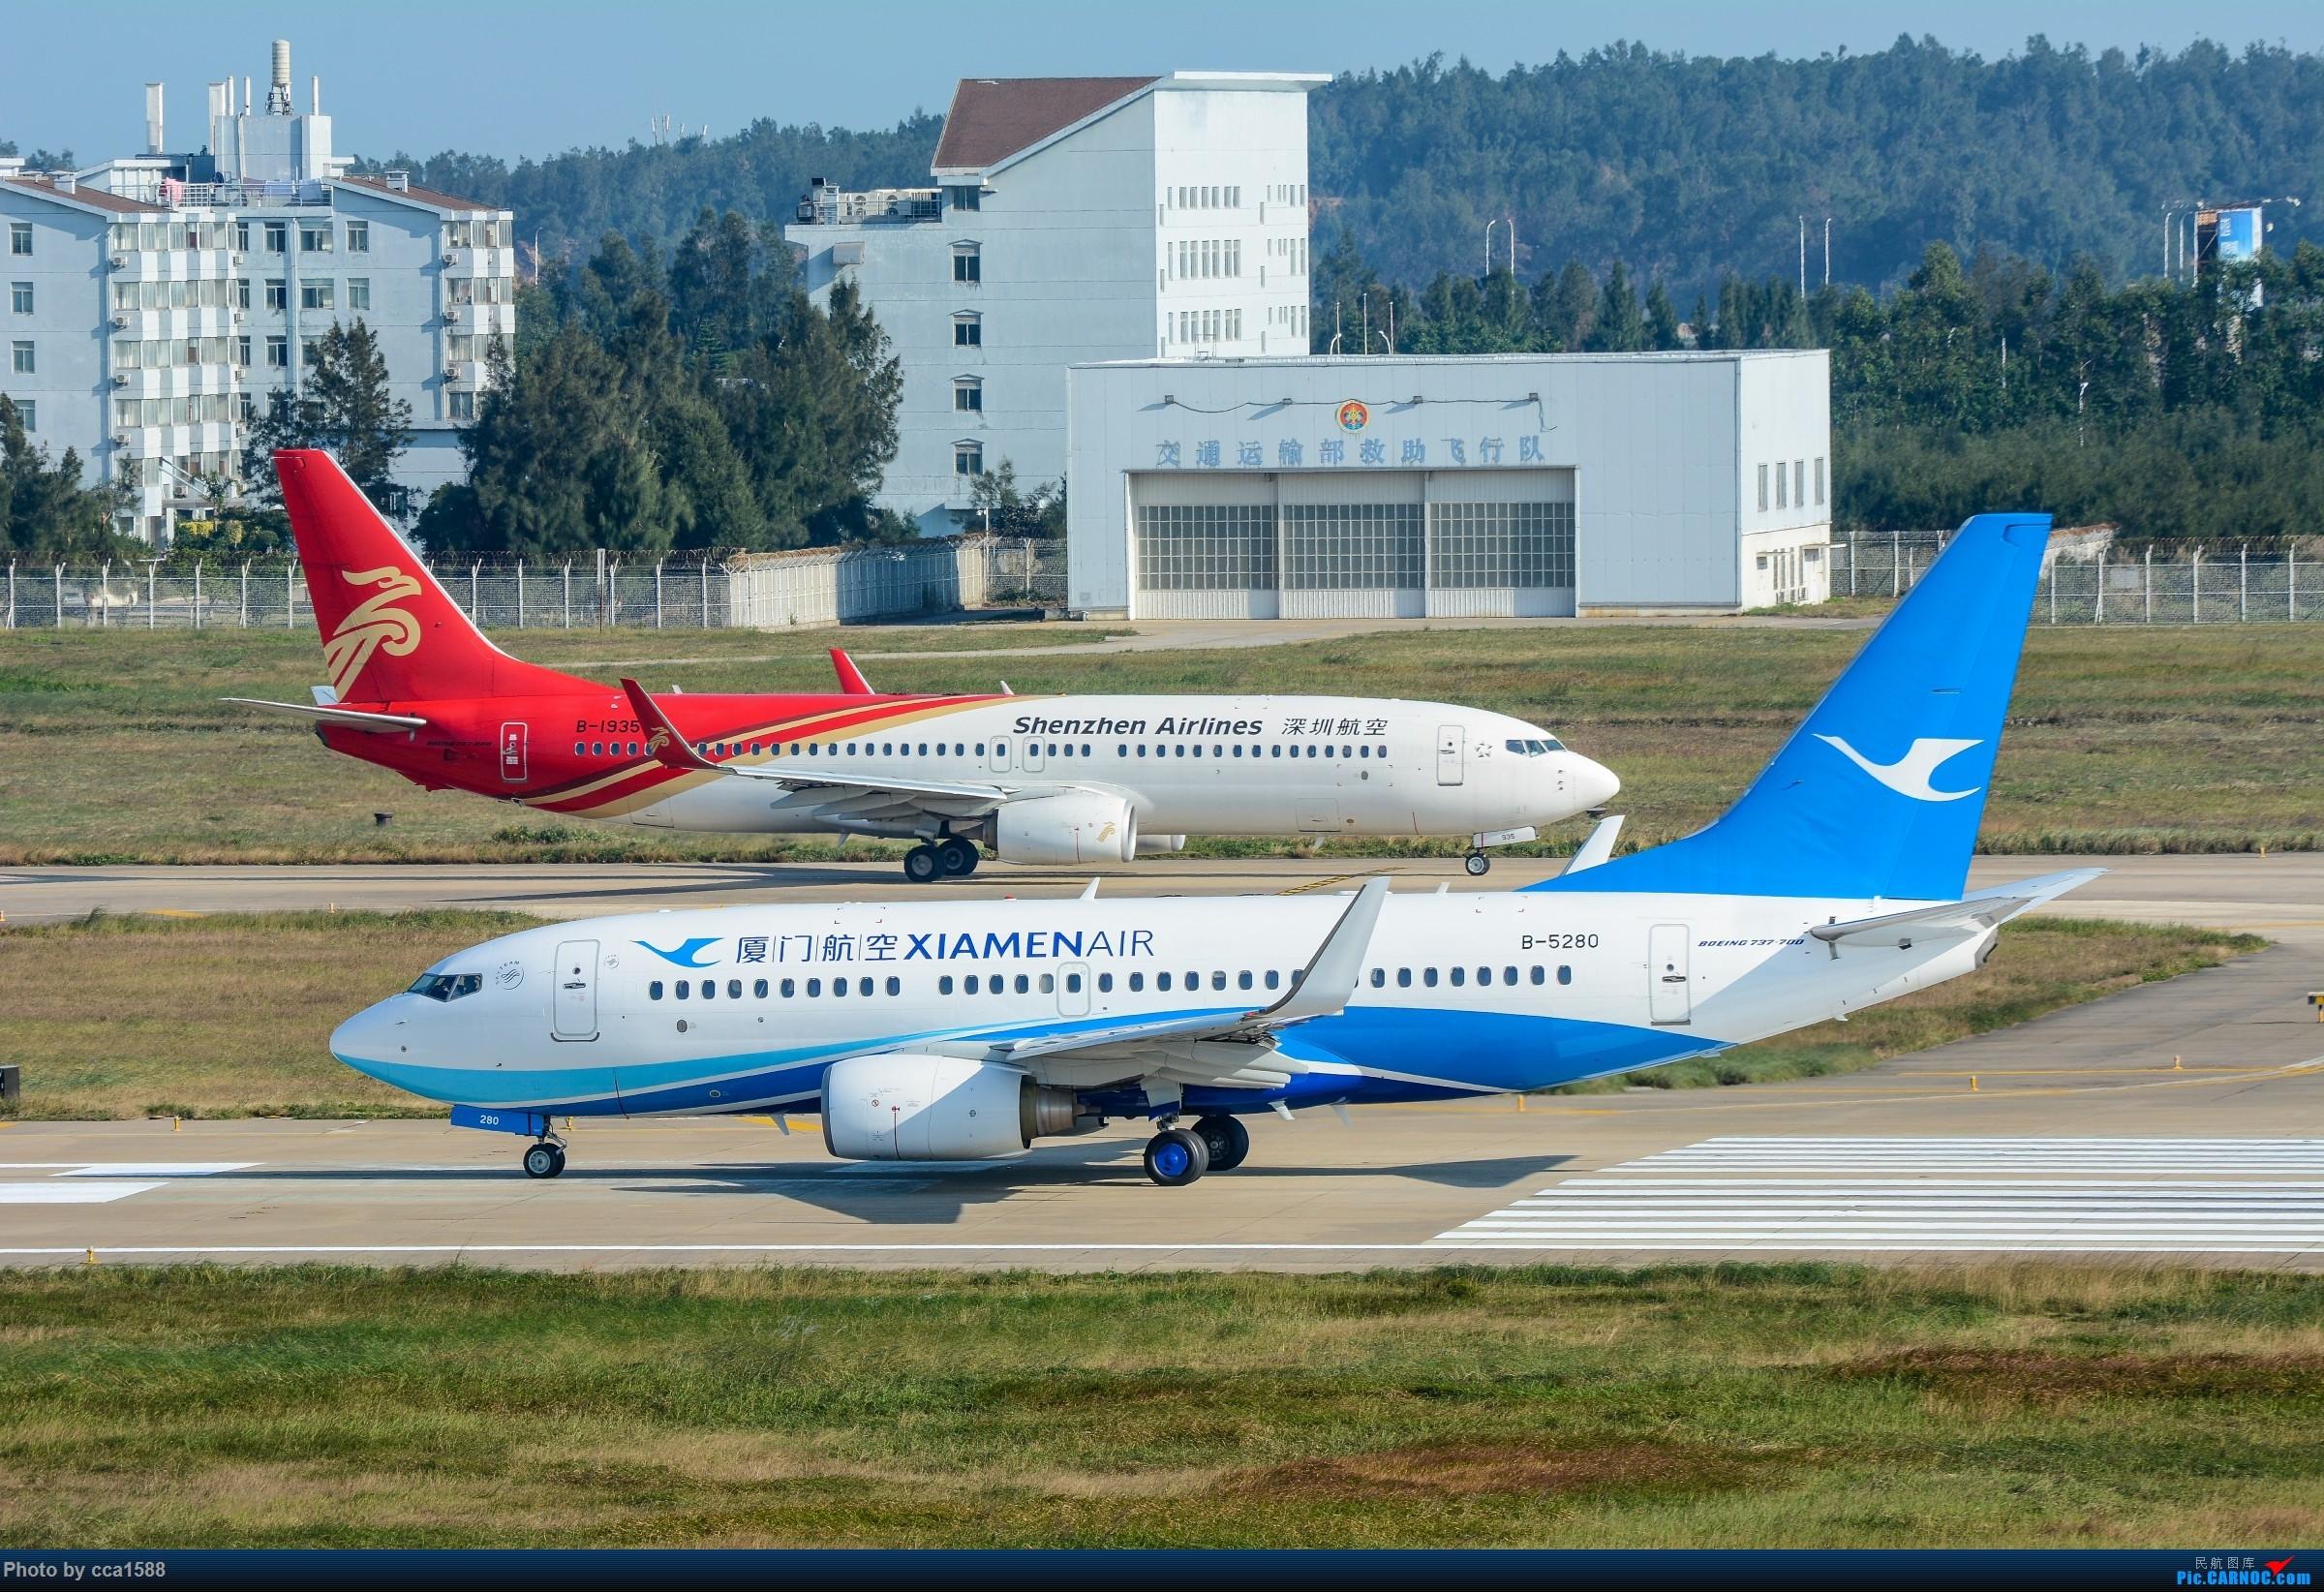 """Re:[原创]【福州飞友会】蹲点两天终于等到你~厦航首架787-9""""金砖梦想号"""" BOEING 737-700 B-5280 中国福州长乐国际机场"""